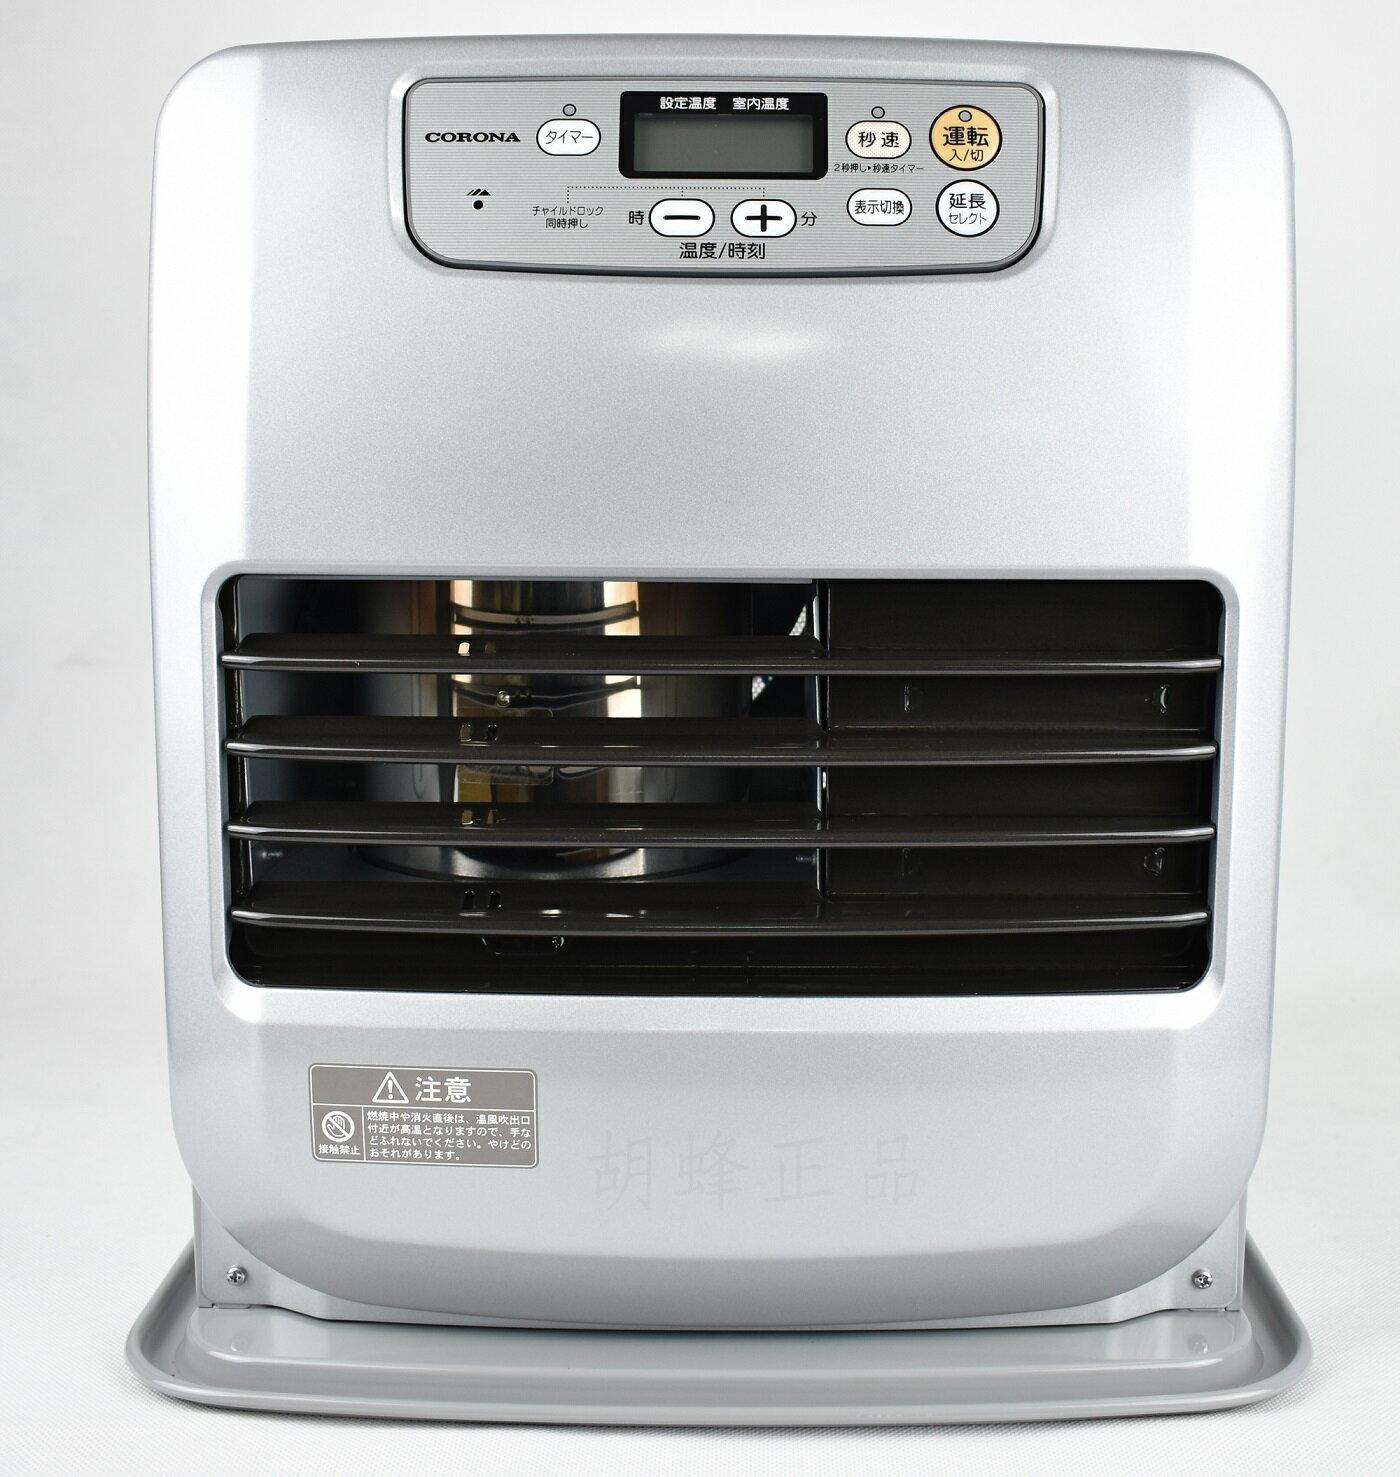 ㊣胡蜂正品㊣ 售完 日本 原裝進口 CORONA FH-G3216Y 銀 煤油 暖爐 煤油爐 12疊 5L 另有 大日 FW-3216S